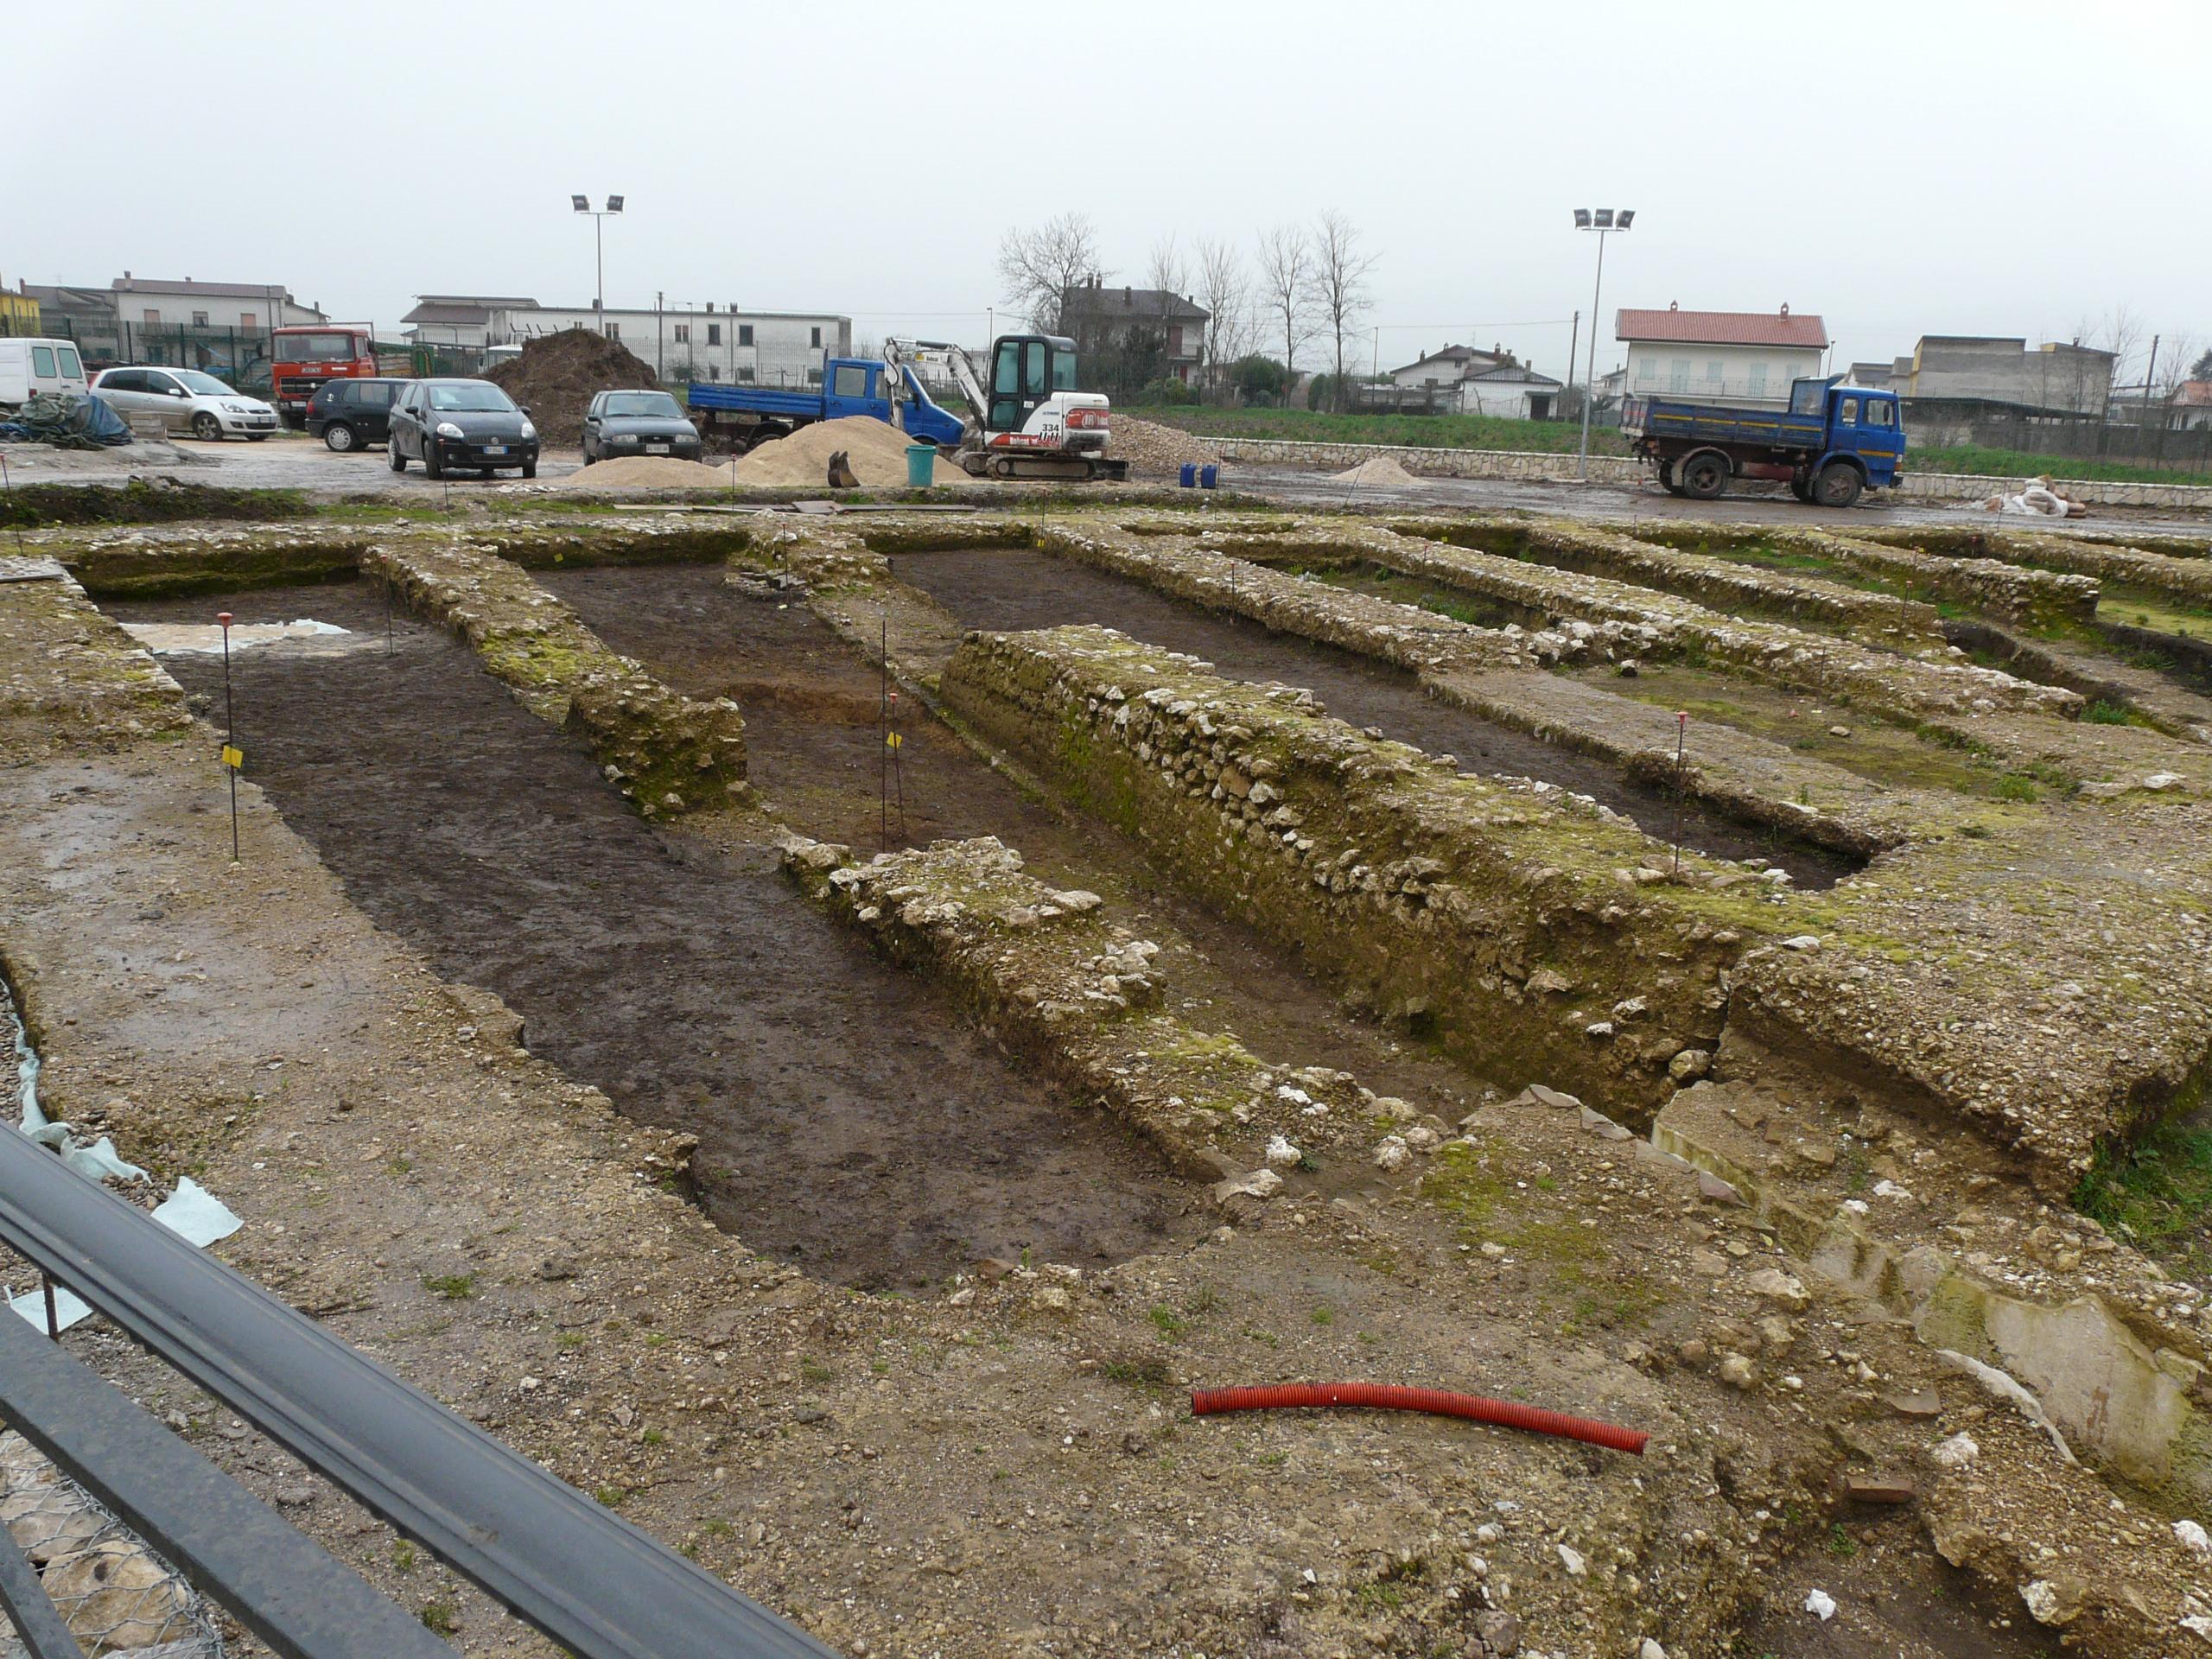 Anfiteatro romano - 09.02.03 (4).JPG